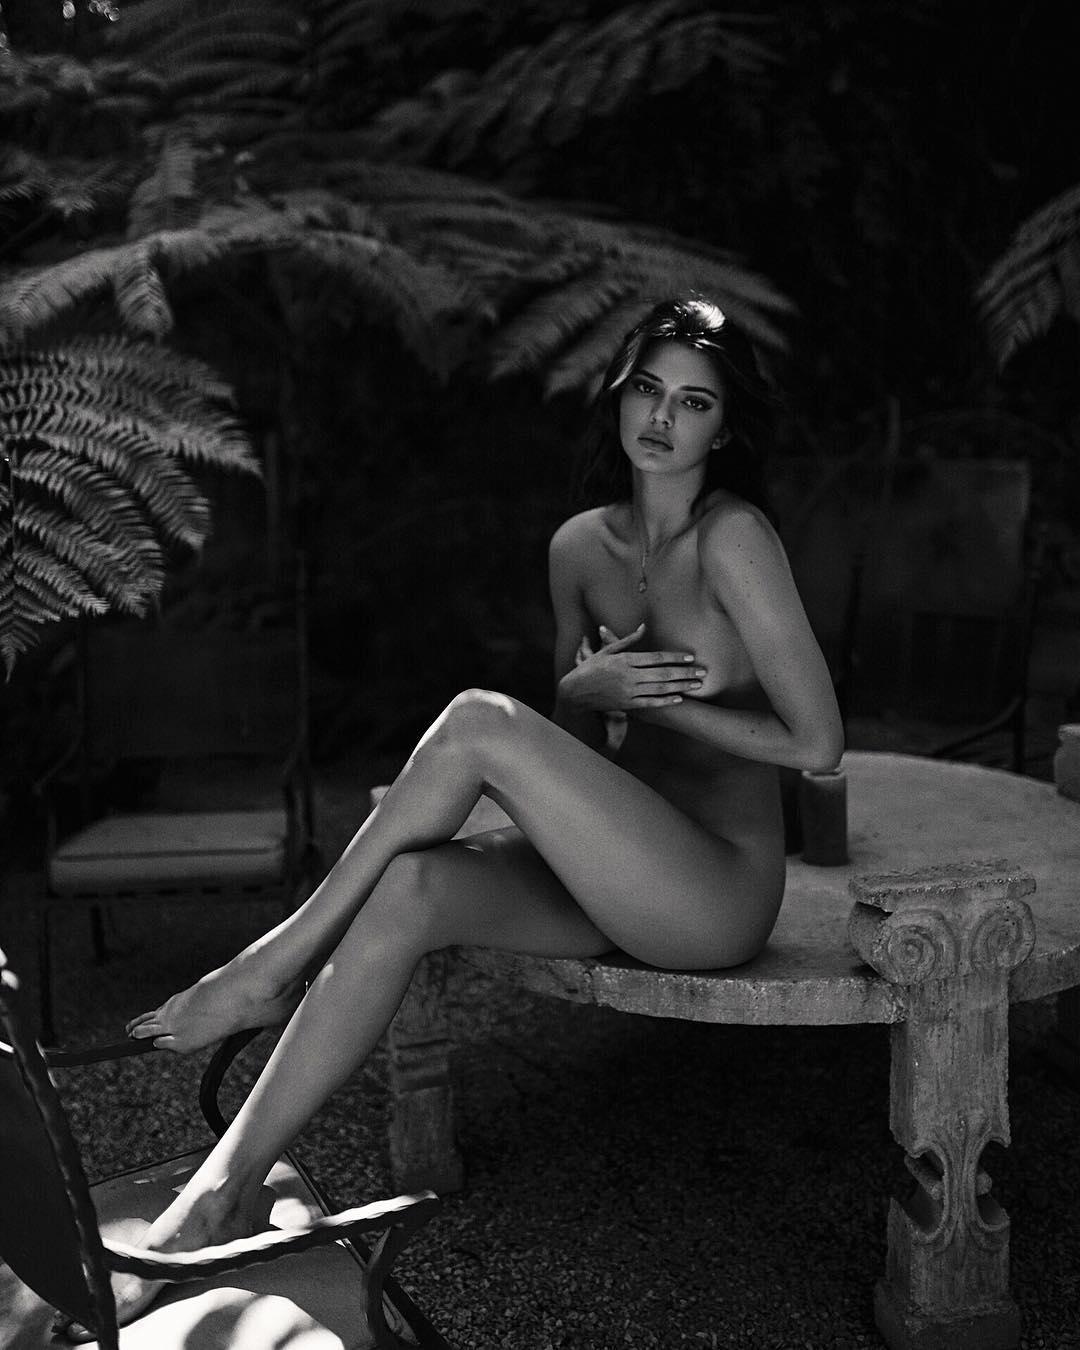 Kendall Jenner posa nua e eleva a sensualidade do clã Kardashian a um patamar nunca antes visto